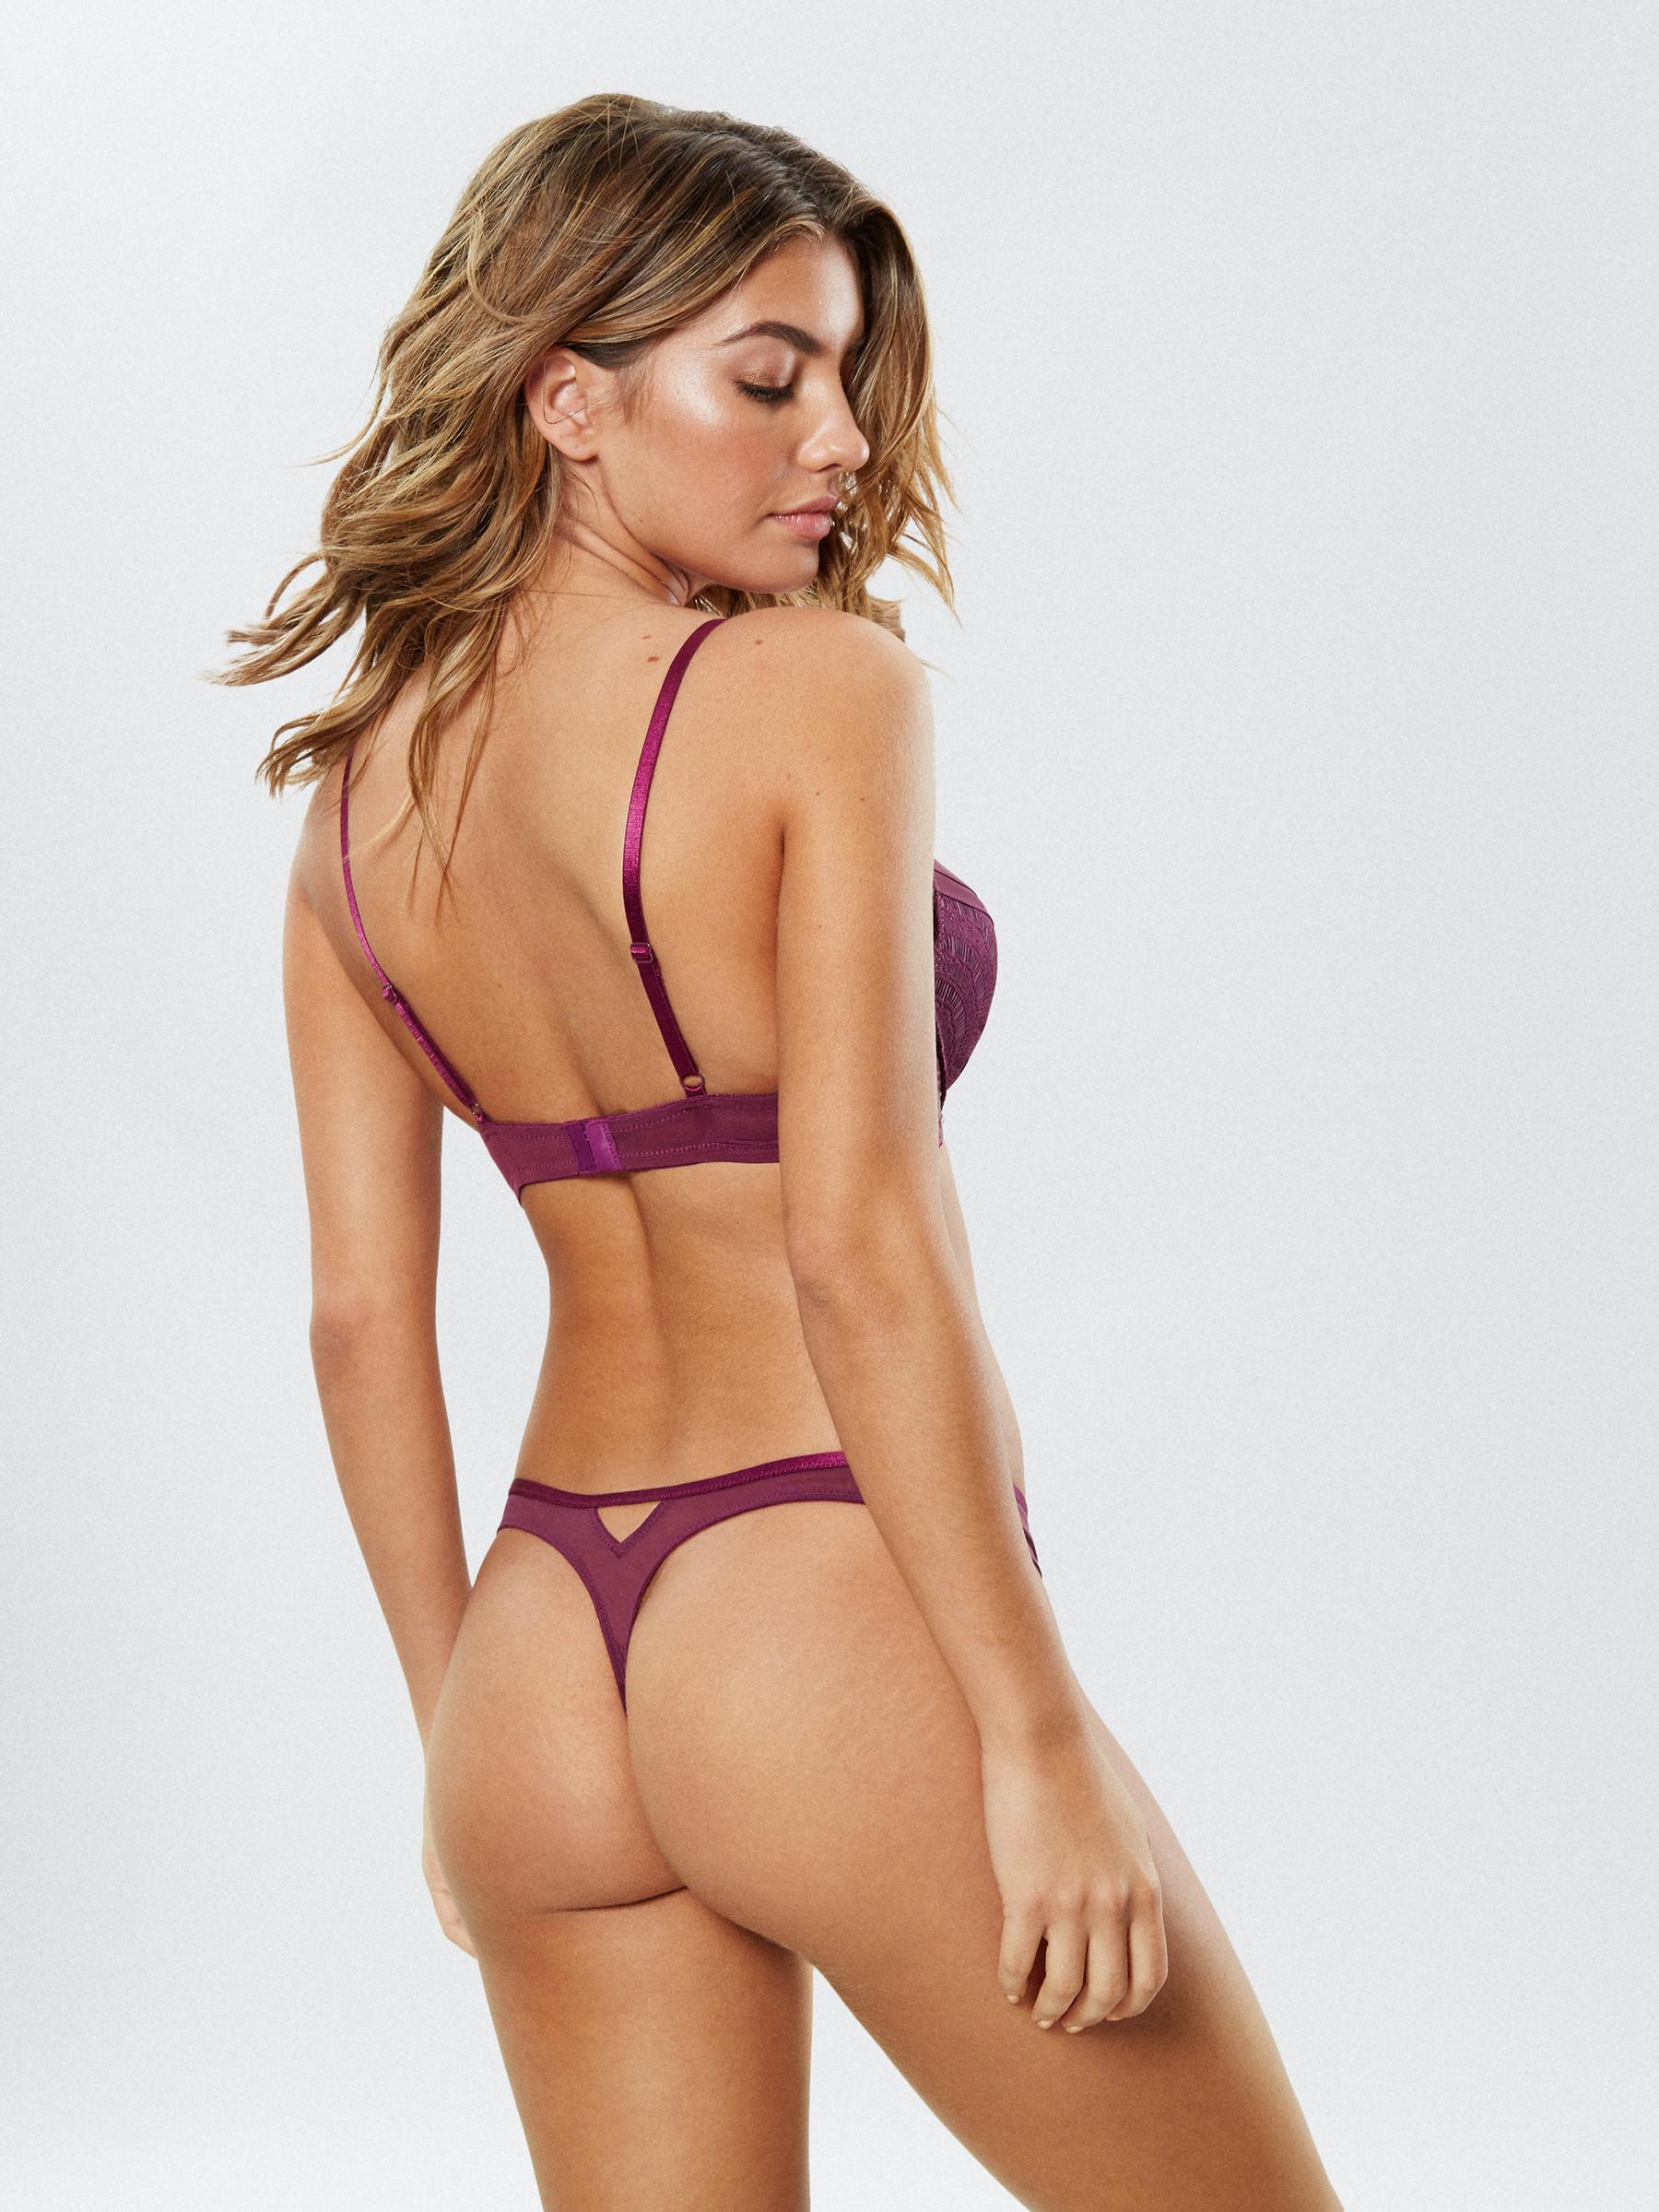 cfc42fca3e Ann Summers Womens Tammi Triple Boost Bra Underwire Sexy Lingerie Underwear